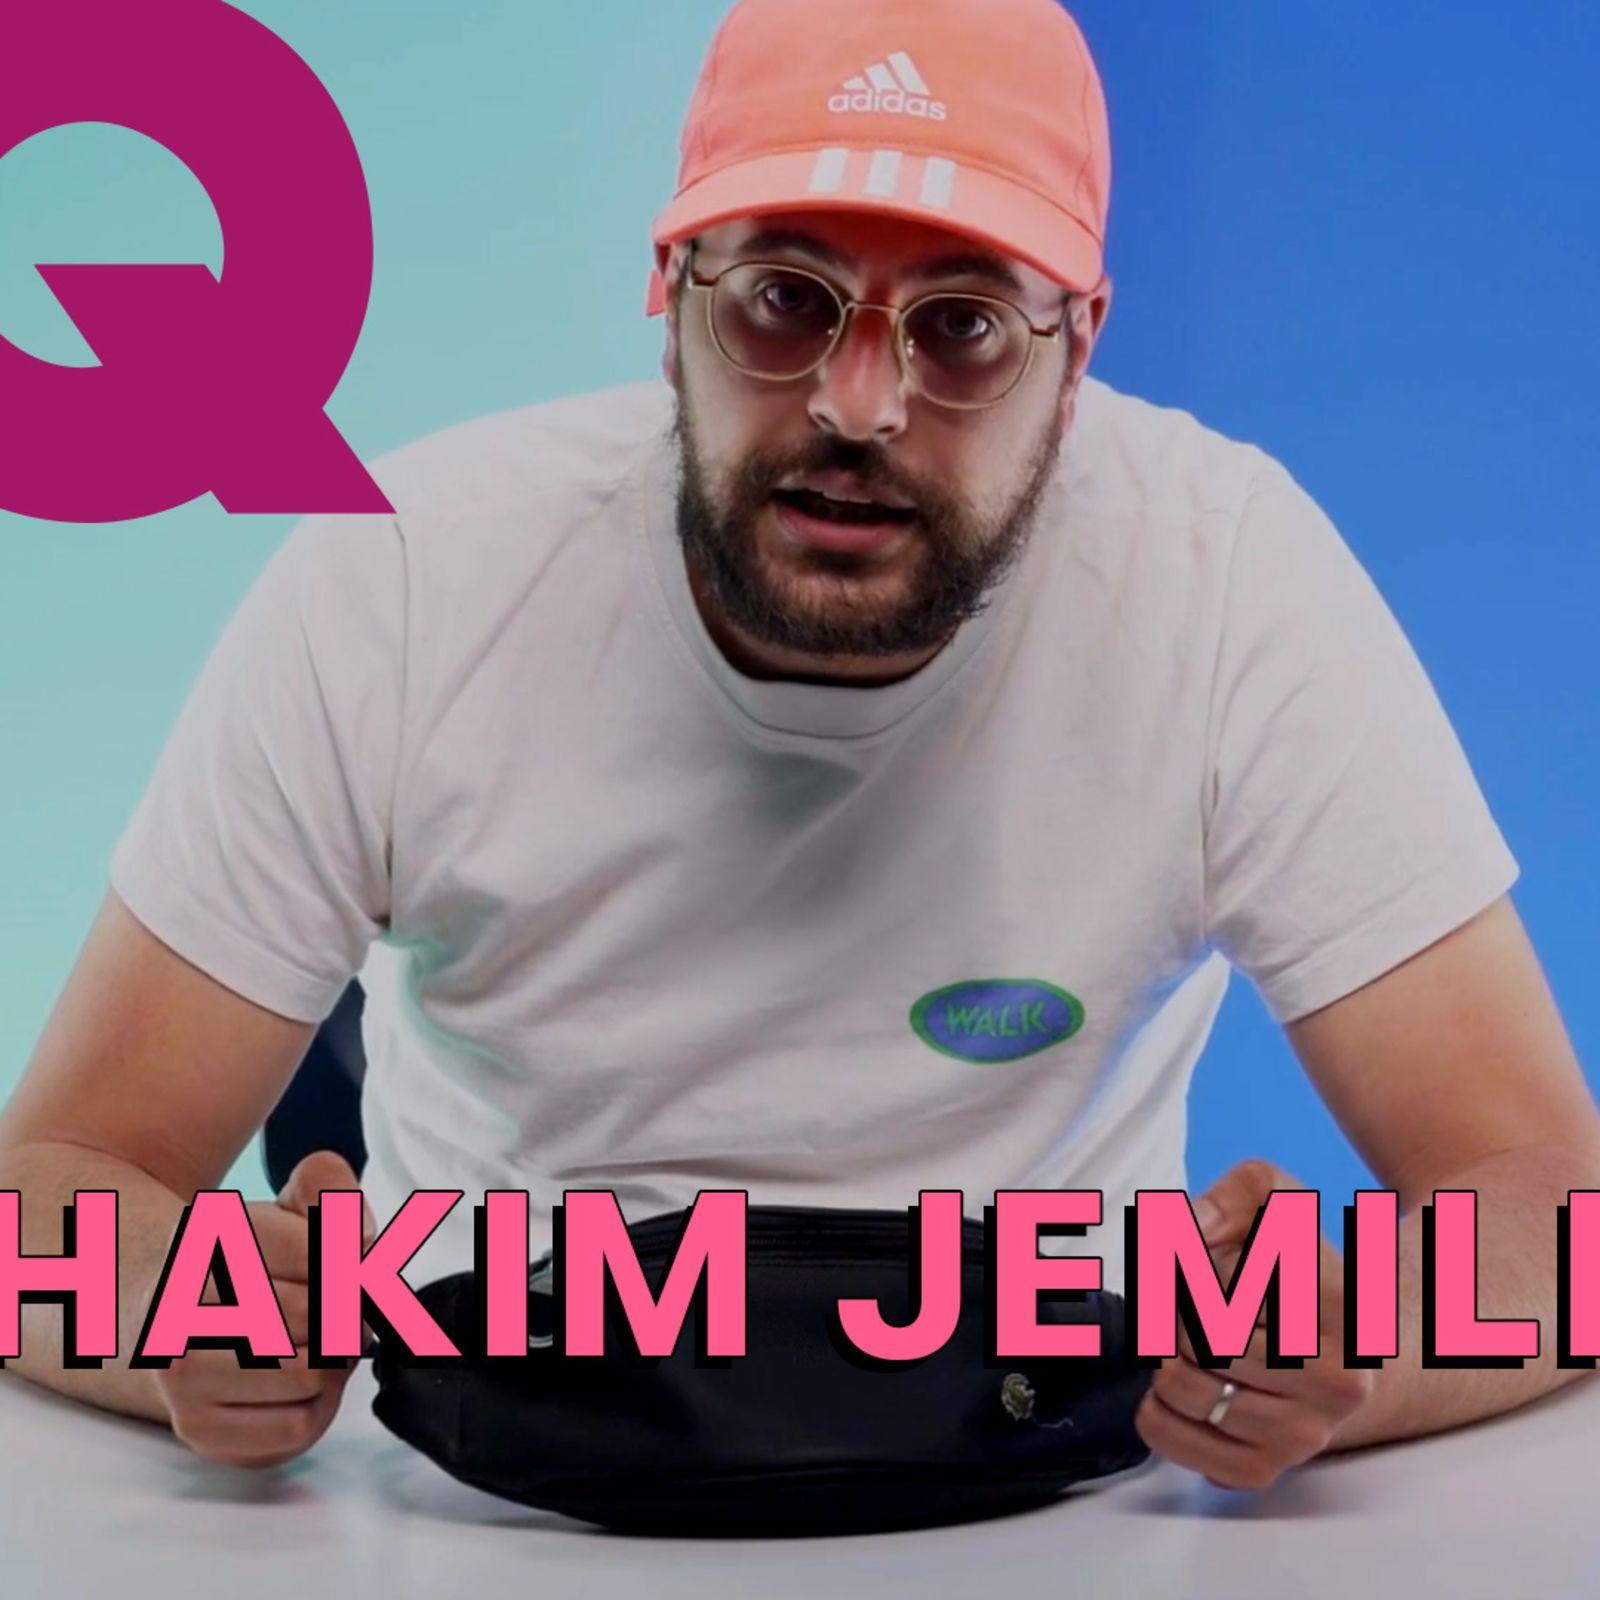 Les 10 Essentiels d'Hakim Jemili (banane, écouteurs, ventoline)